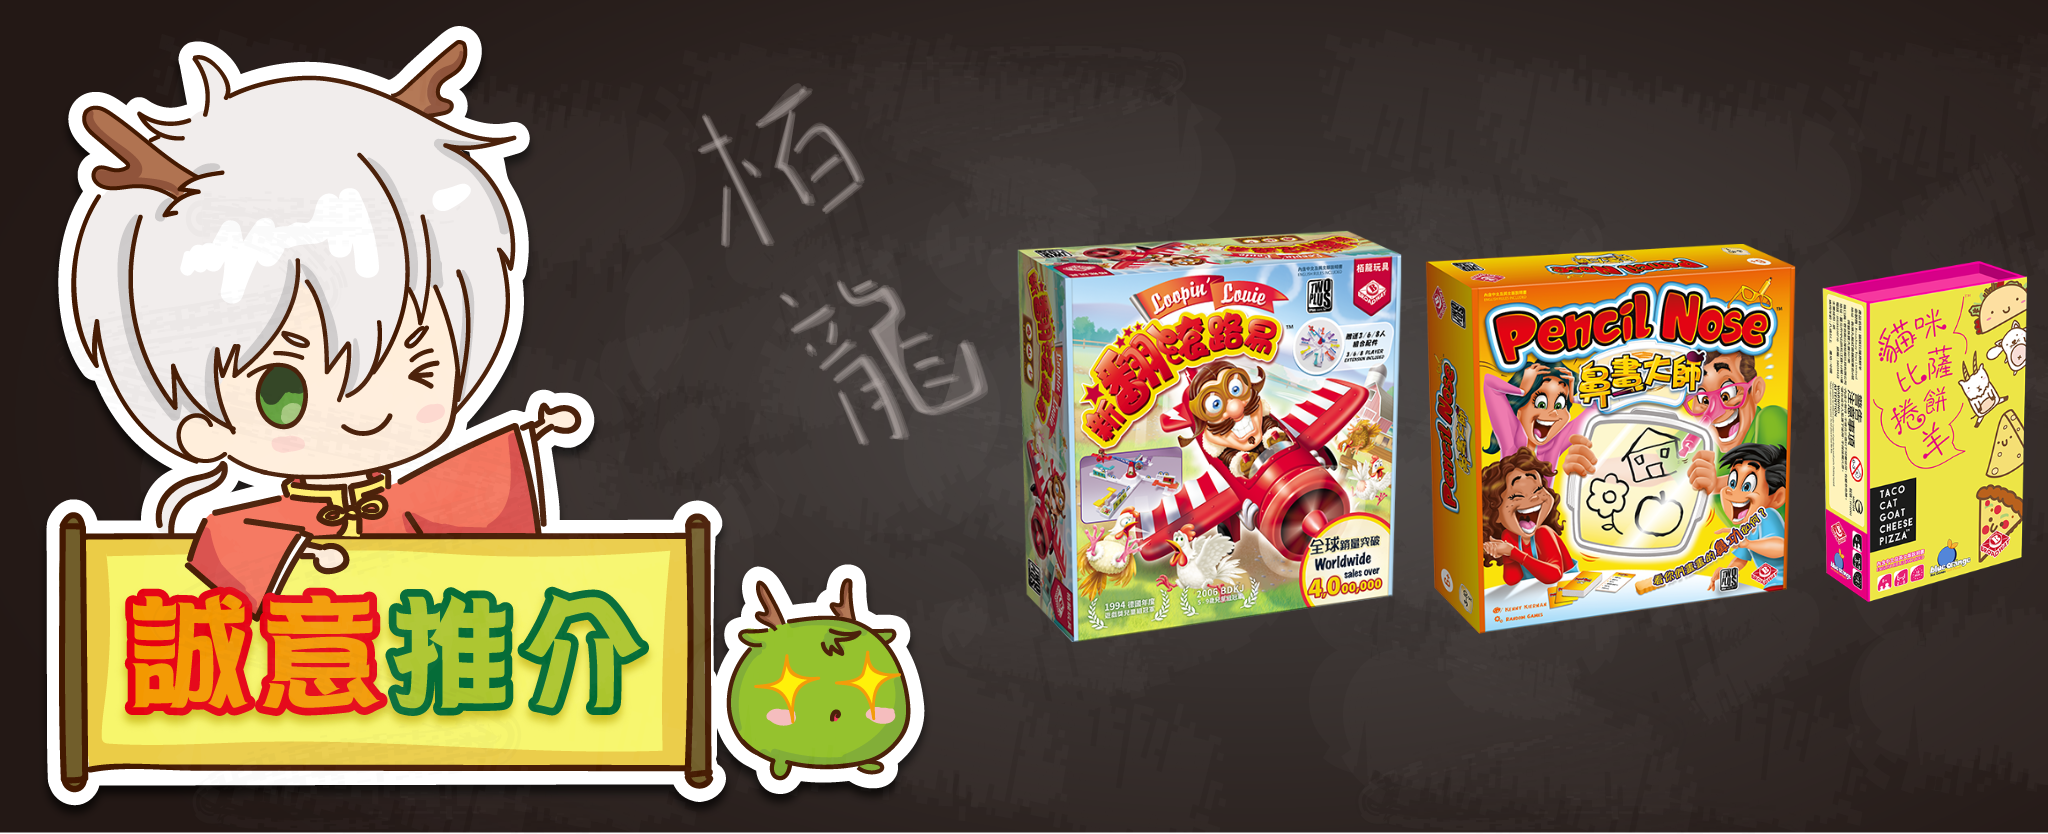 栢龍玩具有限公司 Broadway Toys Limited